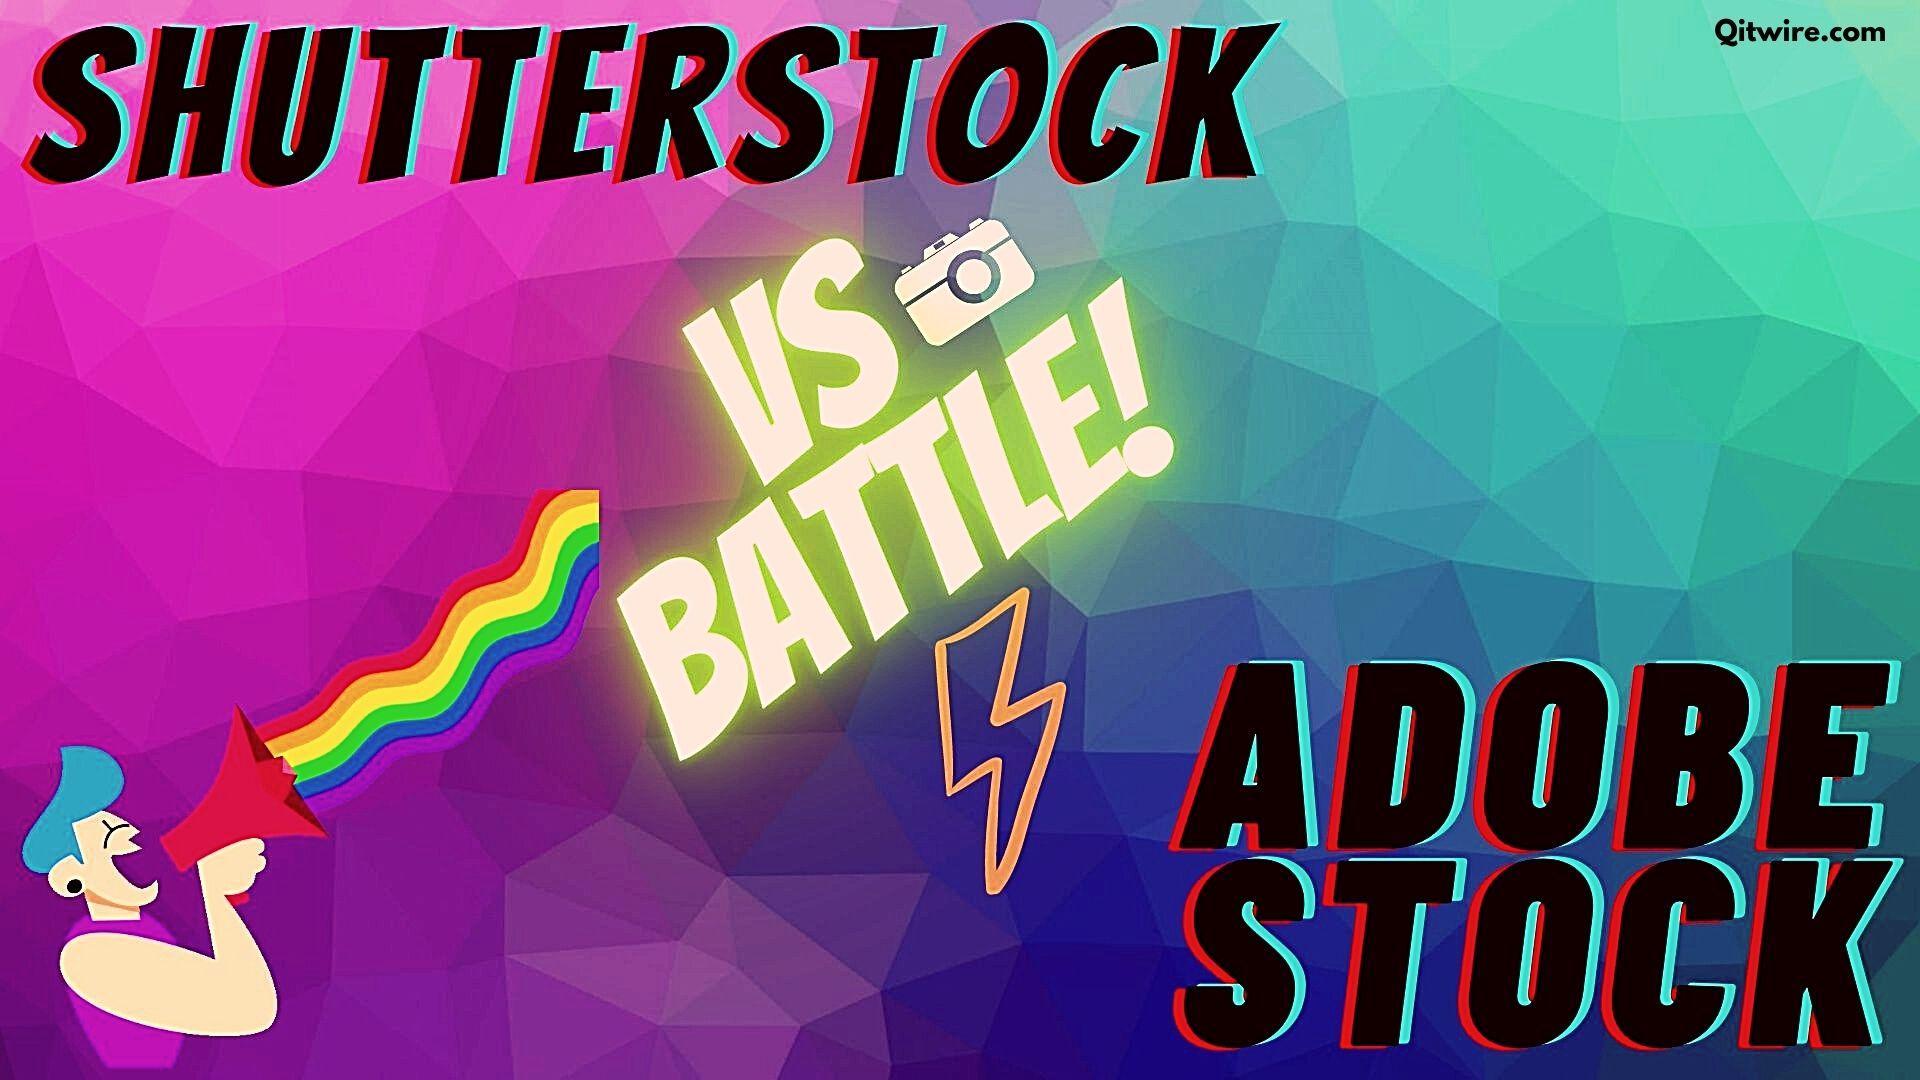 Shutterstock Vs Adobe Stock